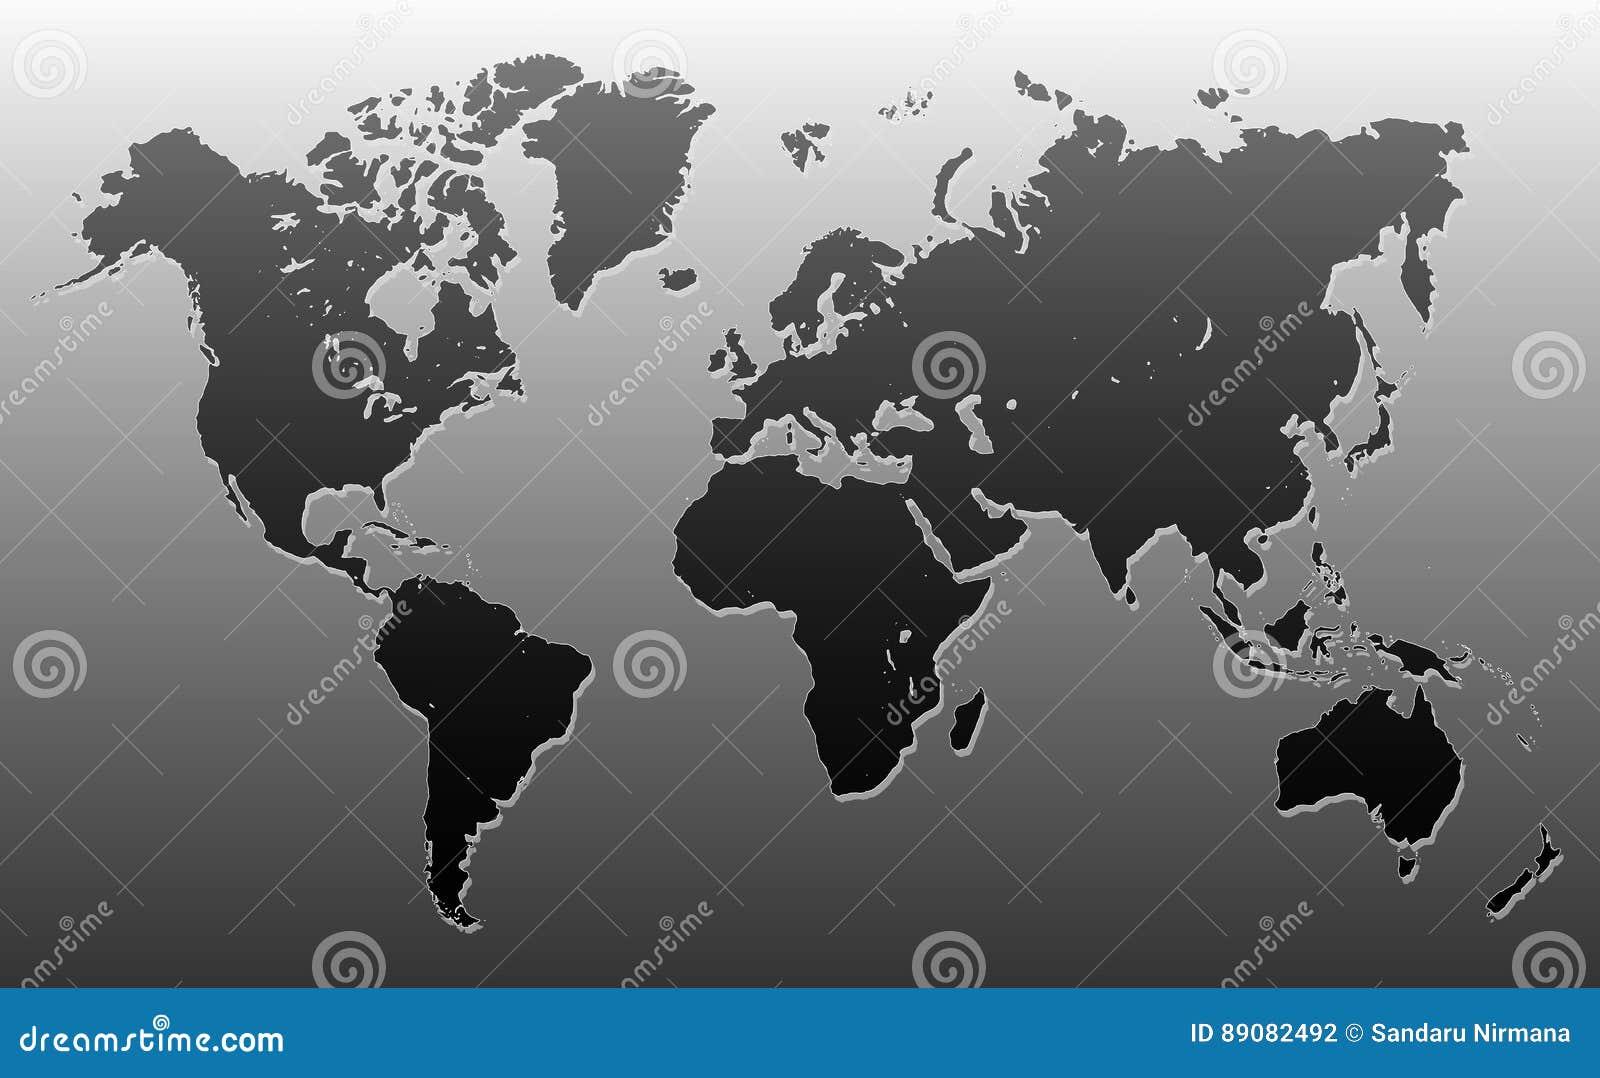 Чернота и серый цвет карты мира